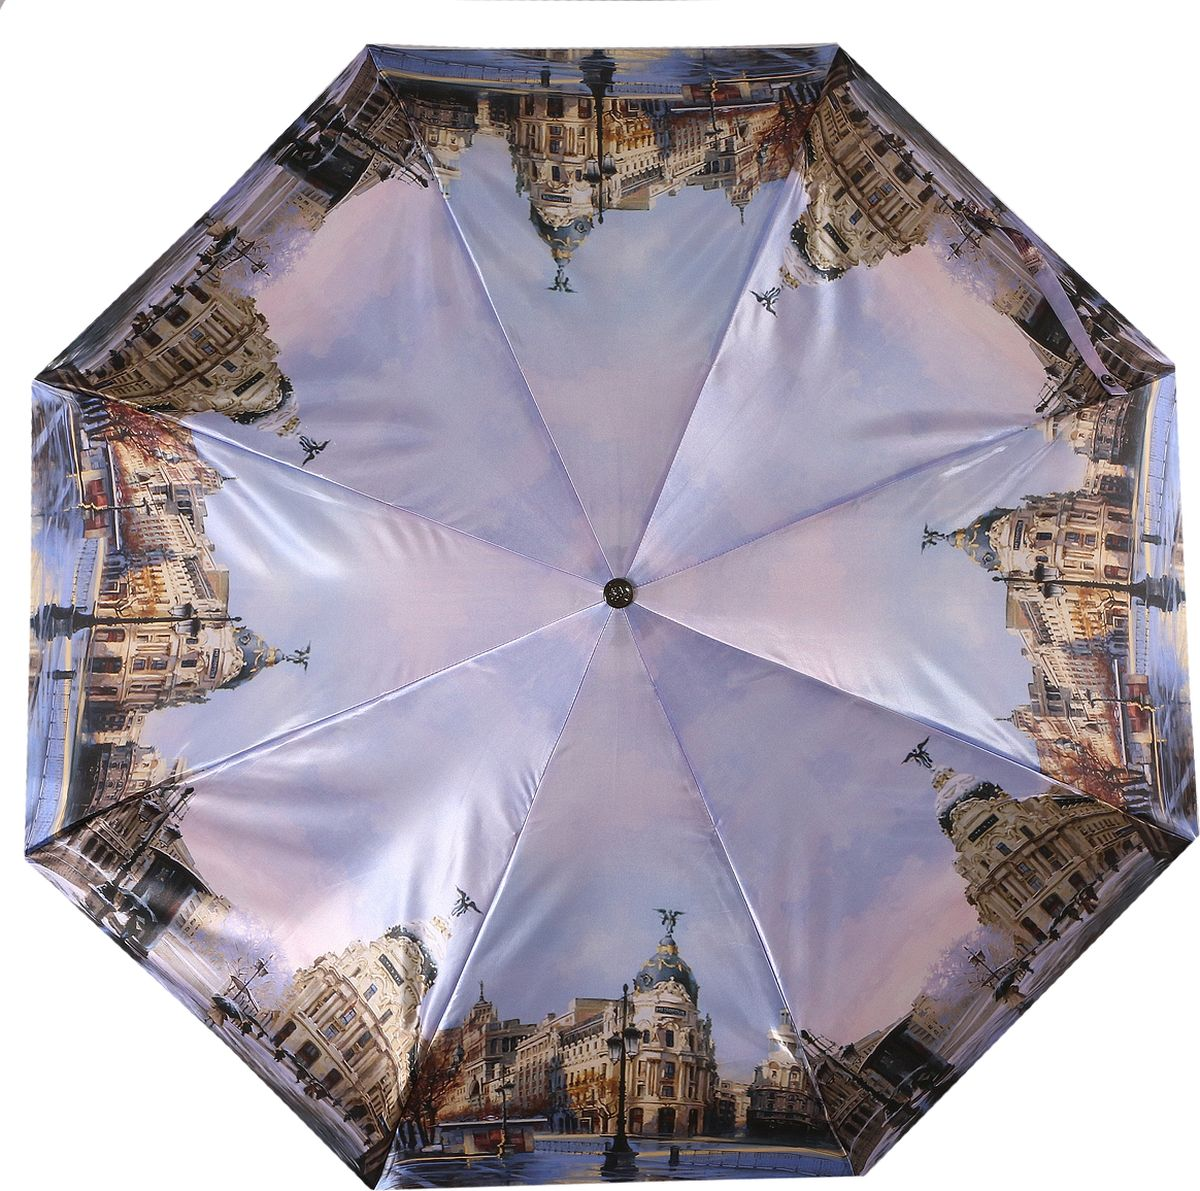 Зонт женский Trust, автомат, 3 сложения, цвет: голубой, коричневый, розовый. 30472-63 зонт trust 30475 20 женский полный автомат